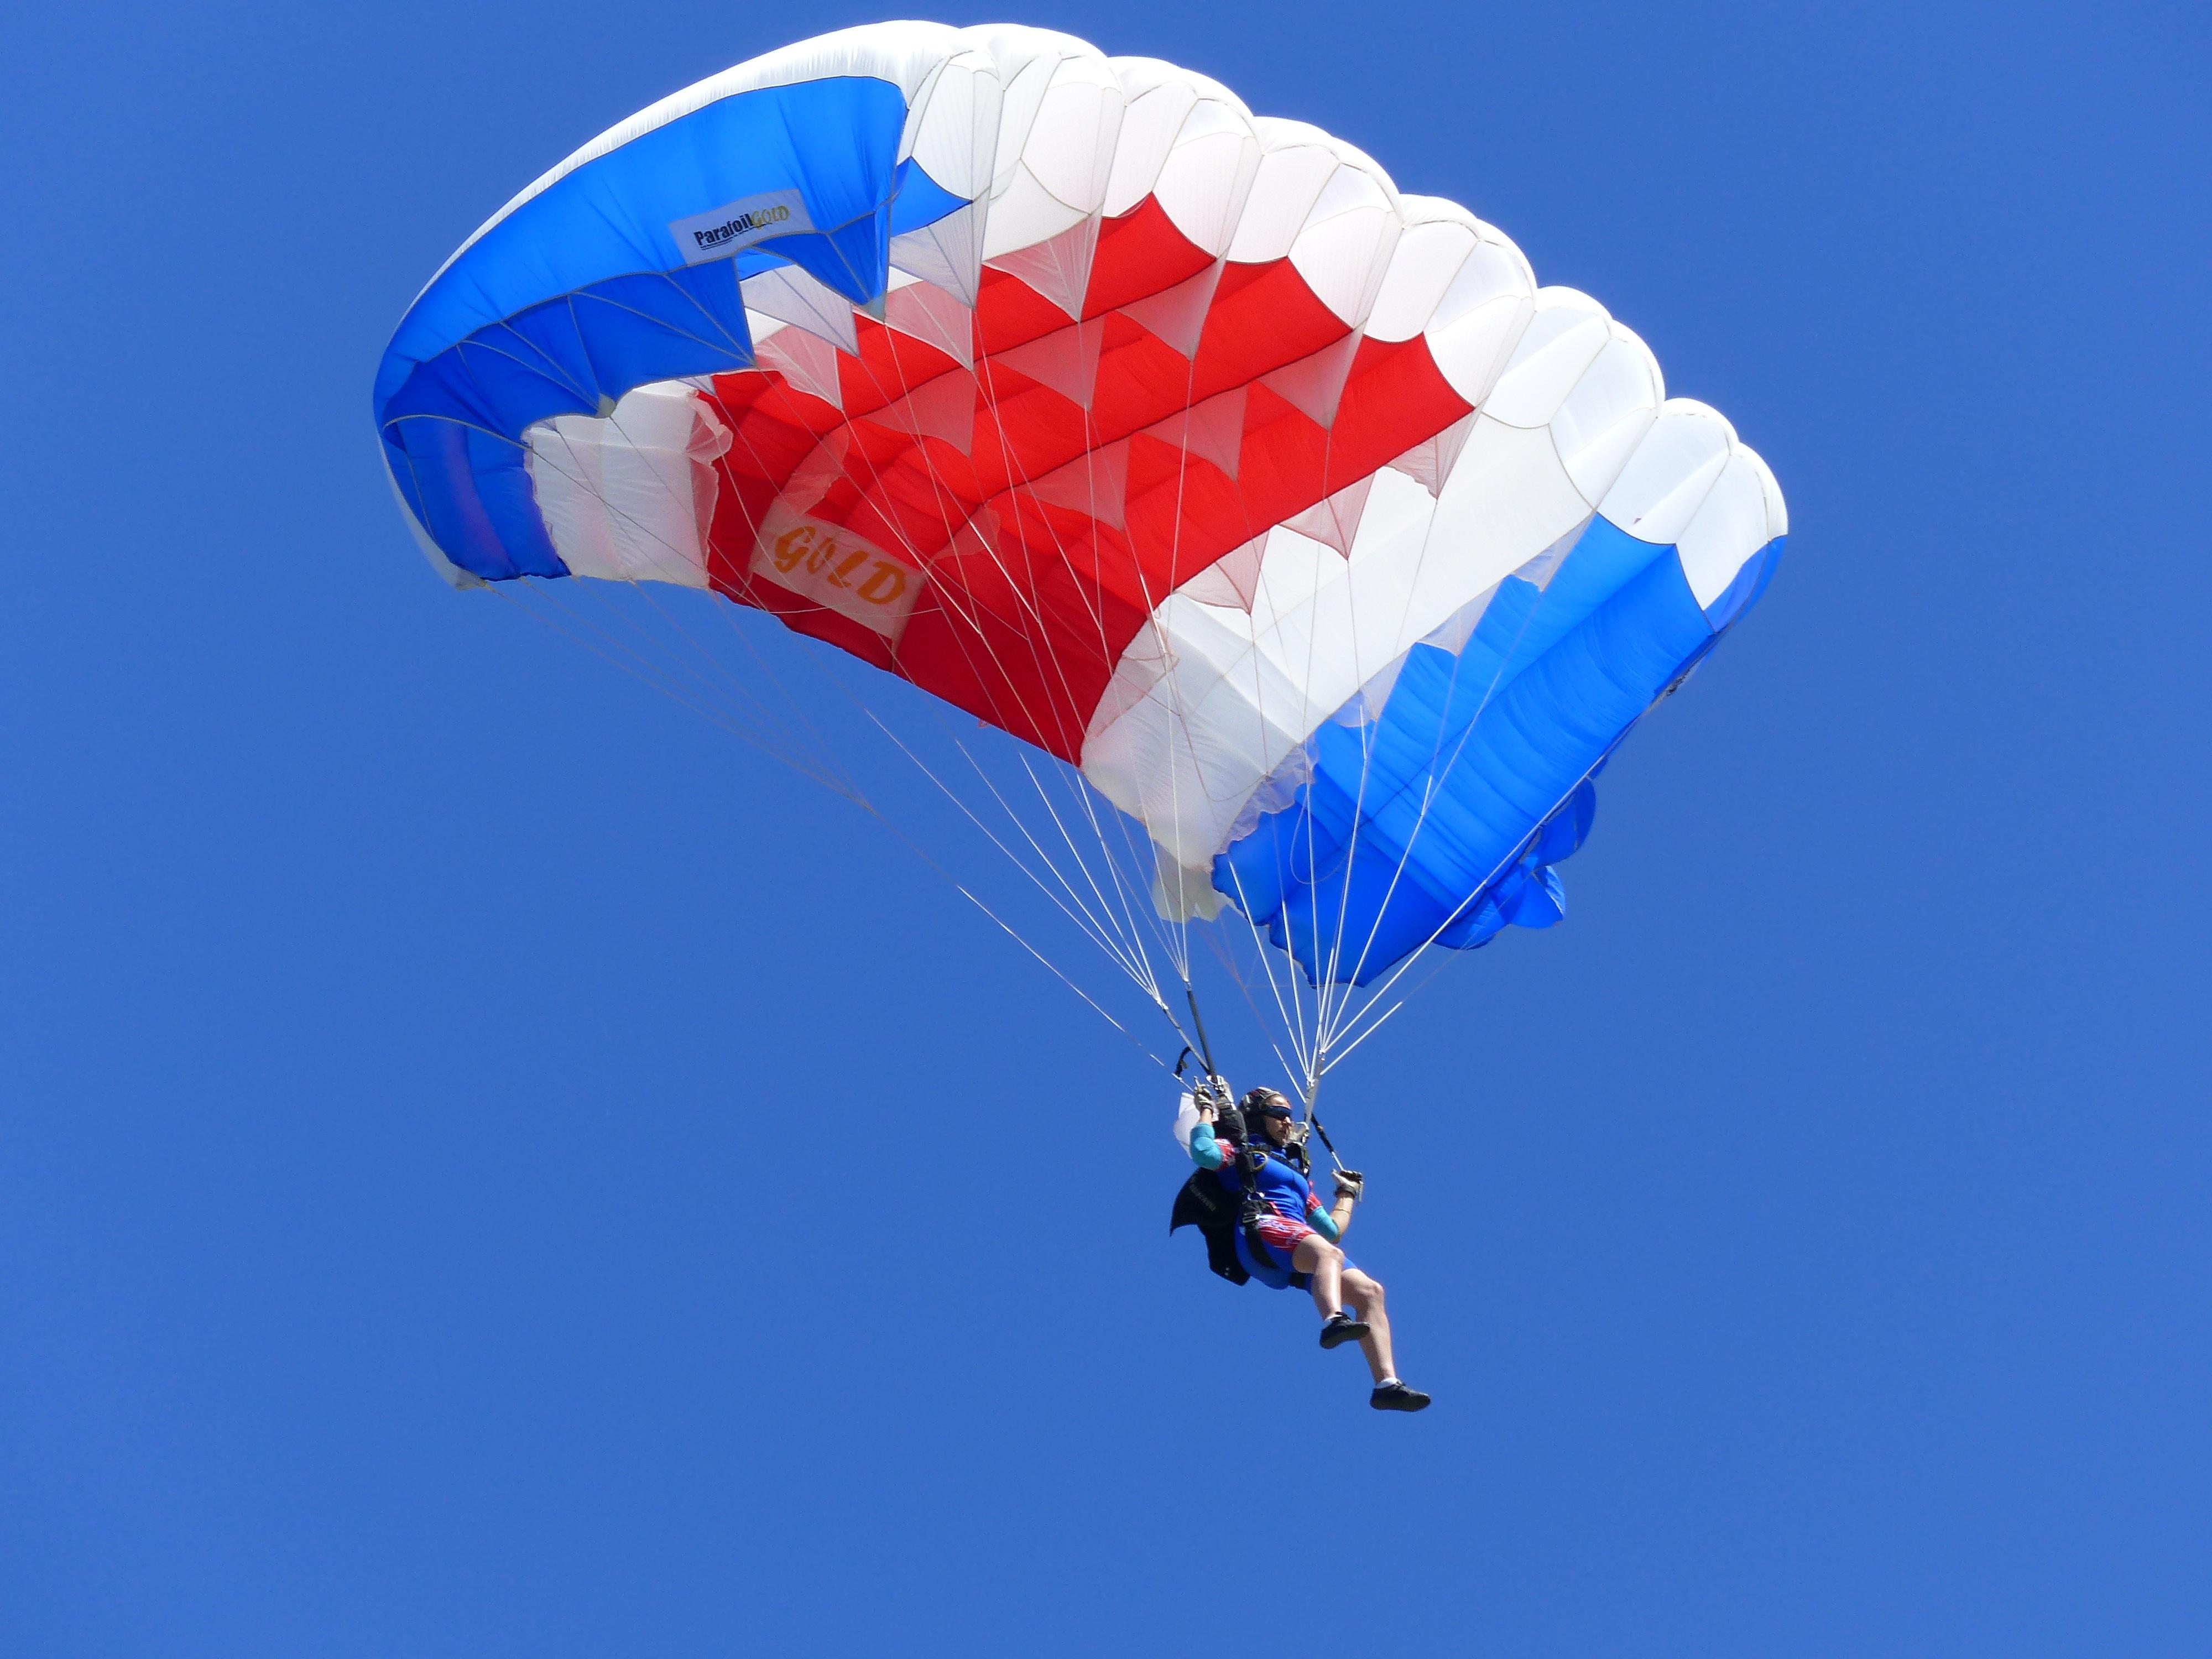 день парашют виды с картинками так пишут студенты